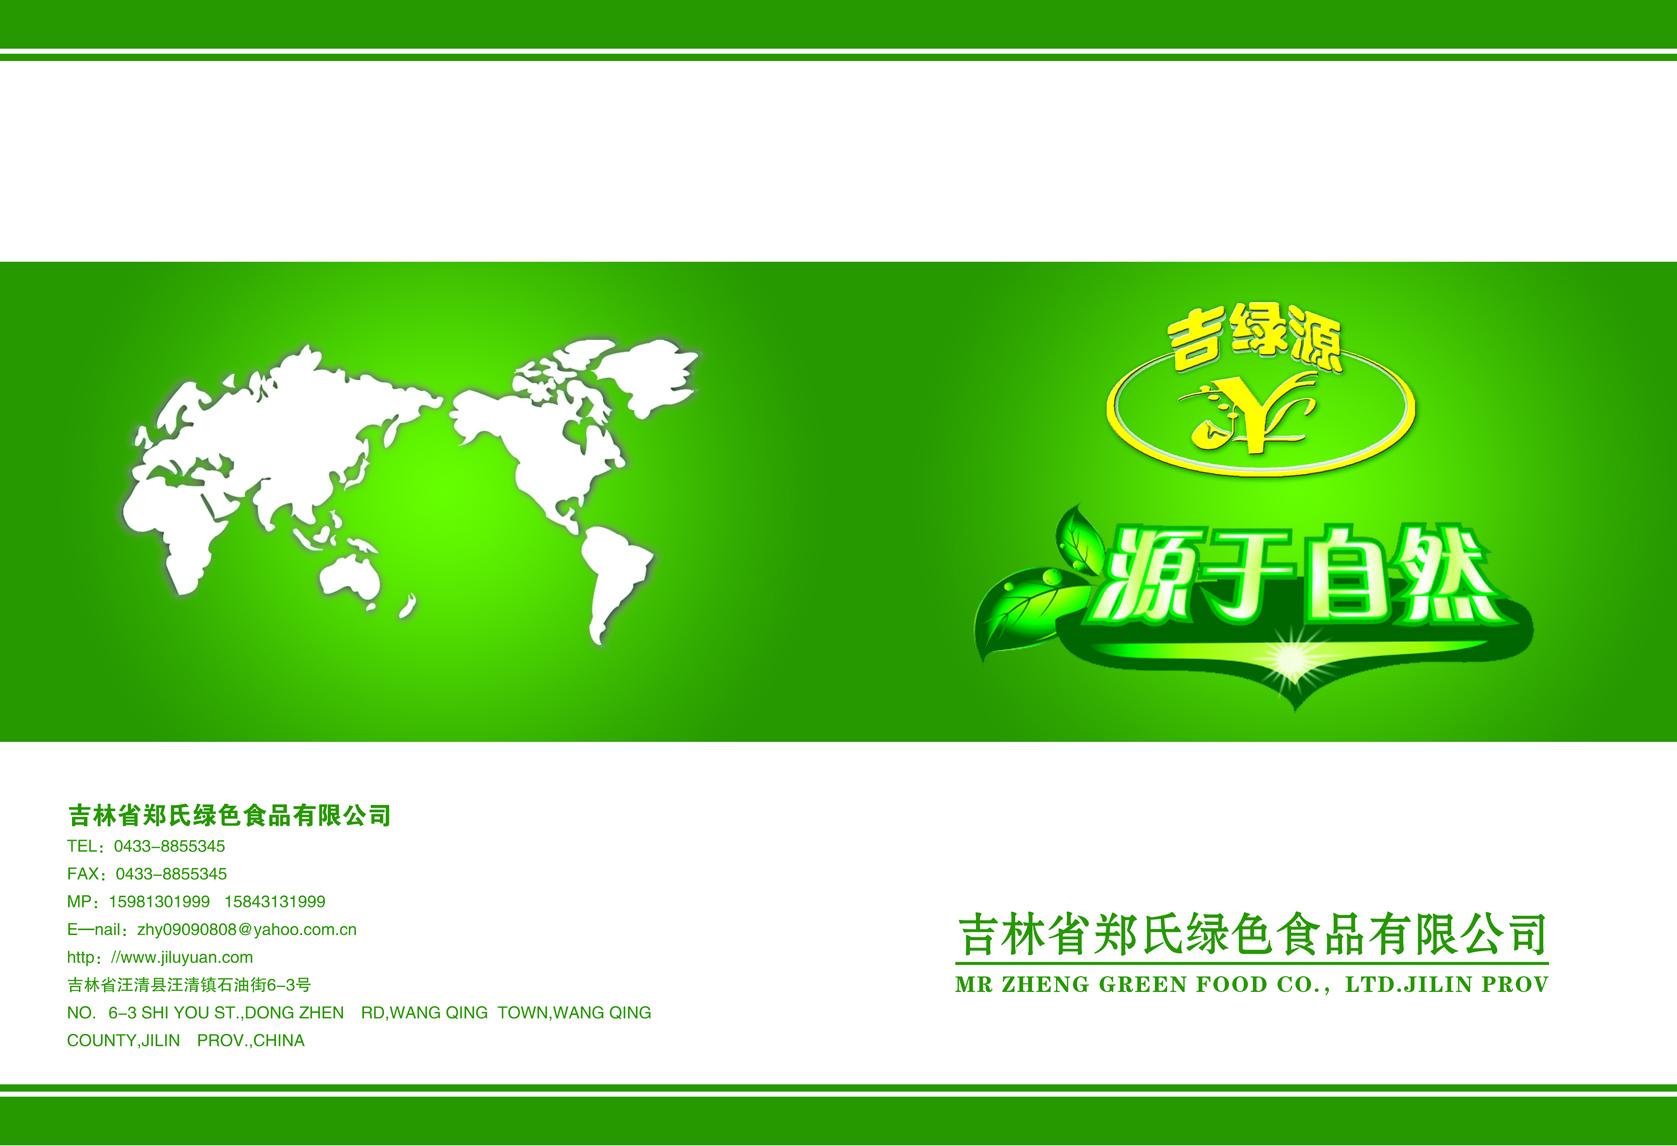 吉林郑氏绿色食品公司企业宣传画册设计